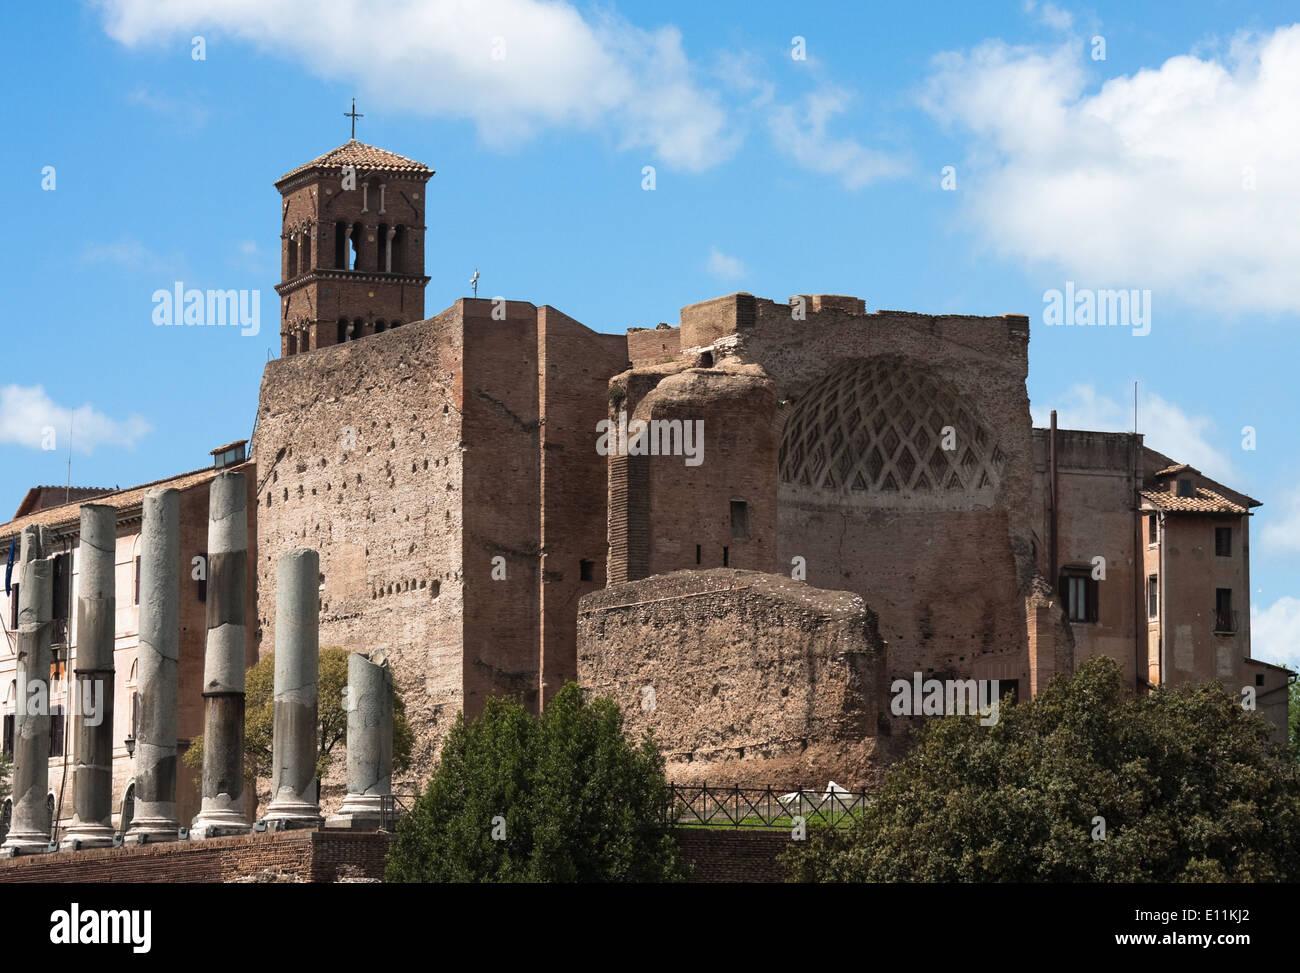 Tempel der Venus und der Roma, Forum Romanum, Rom, Italien - Temple of Venus and Roma, Forum Romanum, Rome, Italy - Stock Image